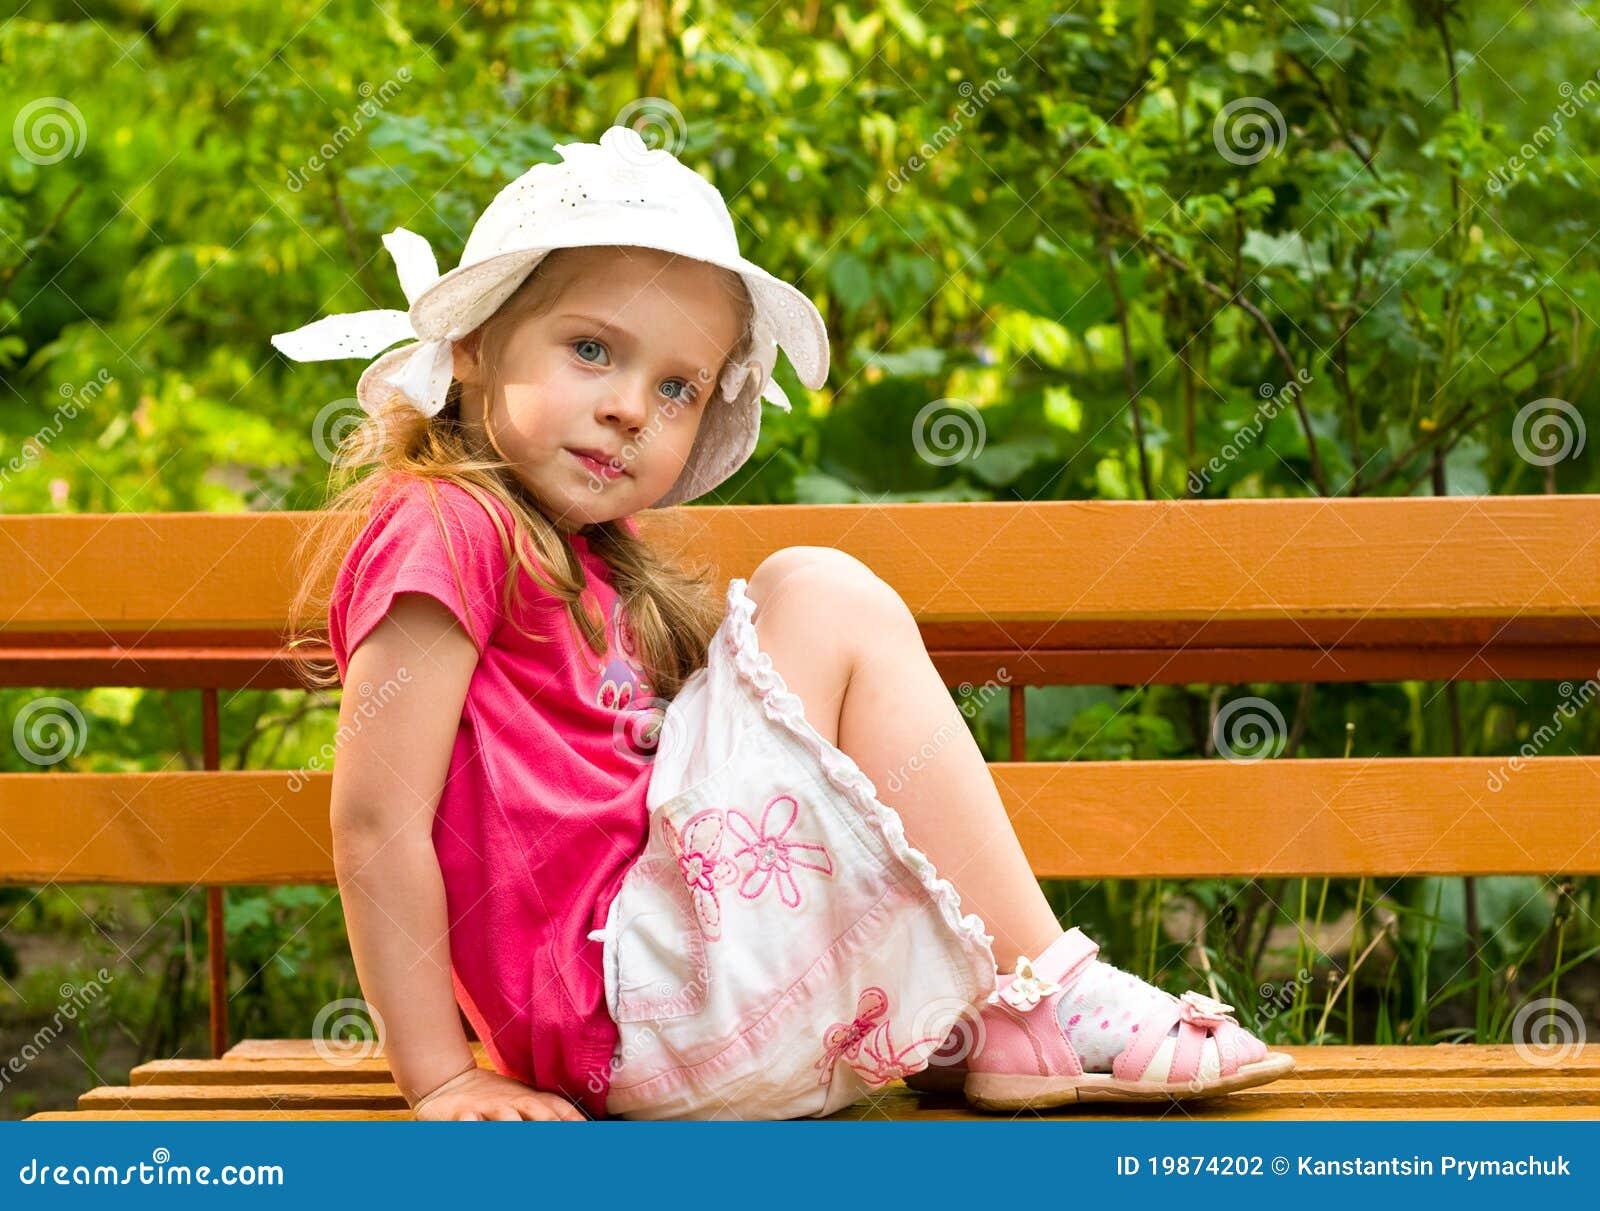 Фото девочка с огромным клитором 5 фотография